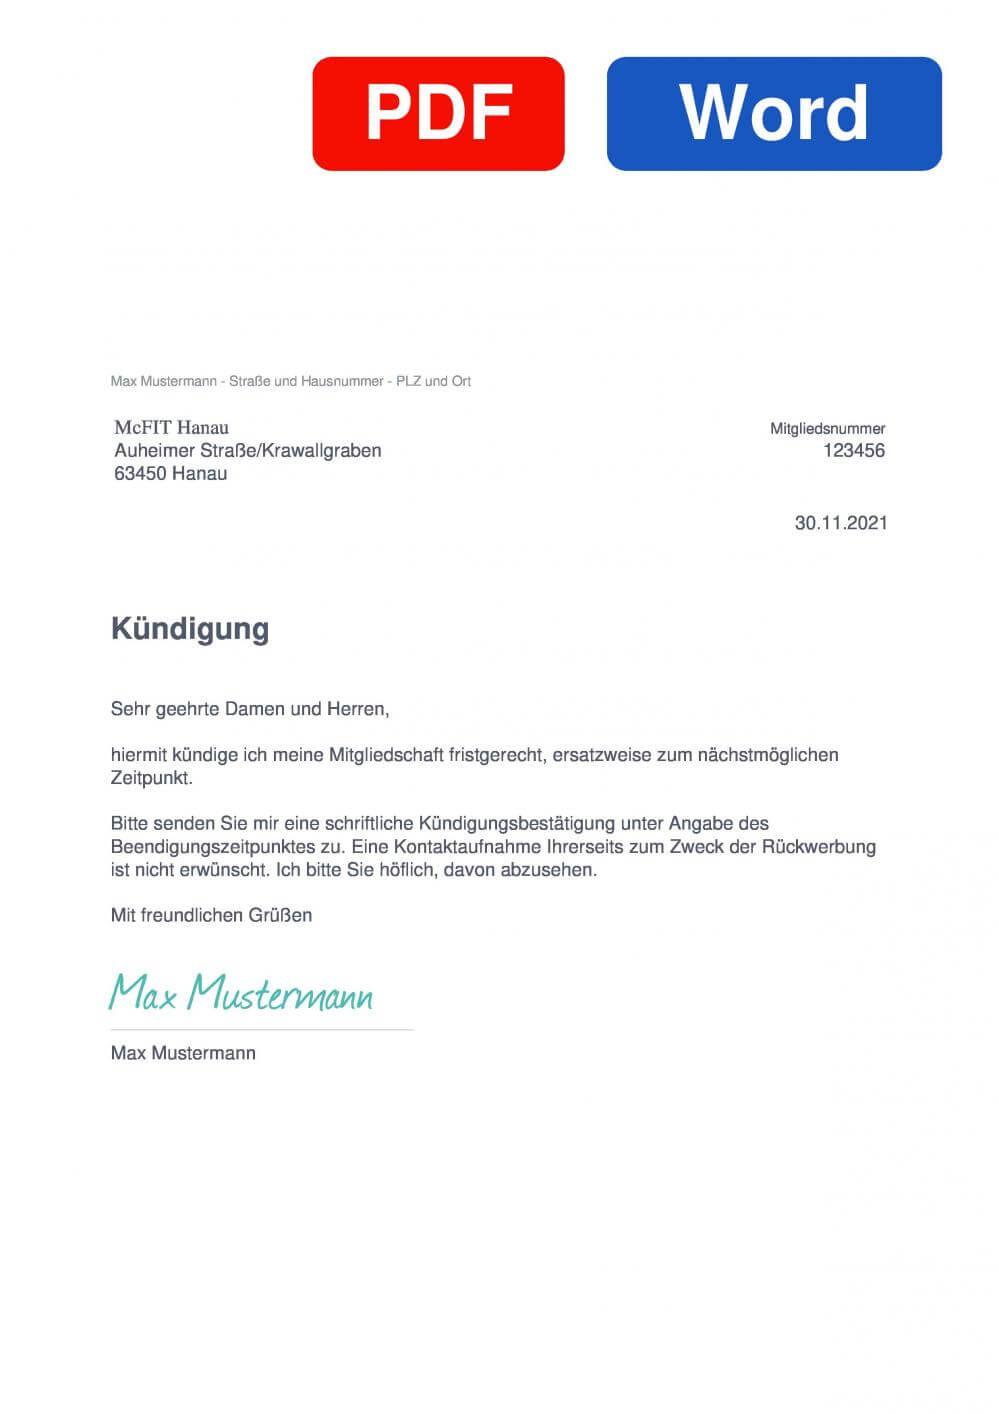 McFIT Hanau Muster Vorlage für Kündigungsschreiben